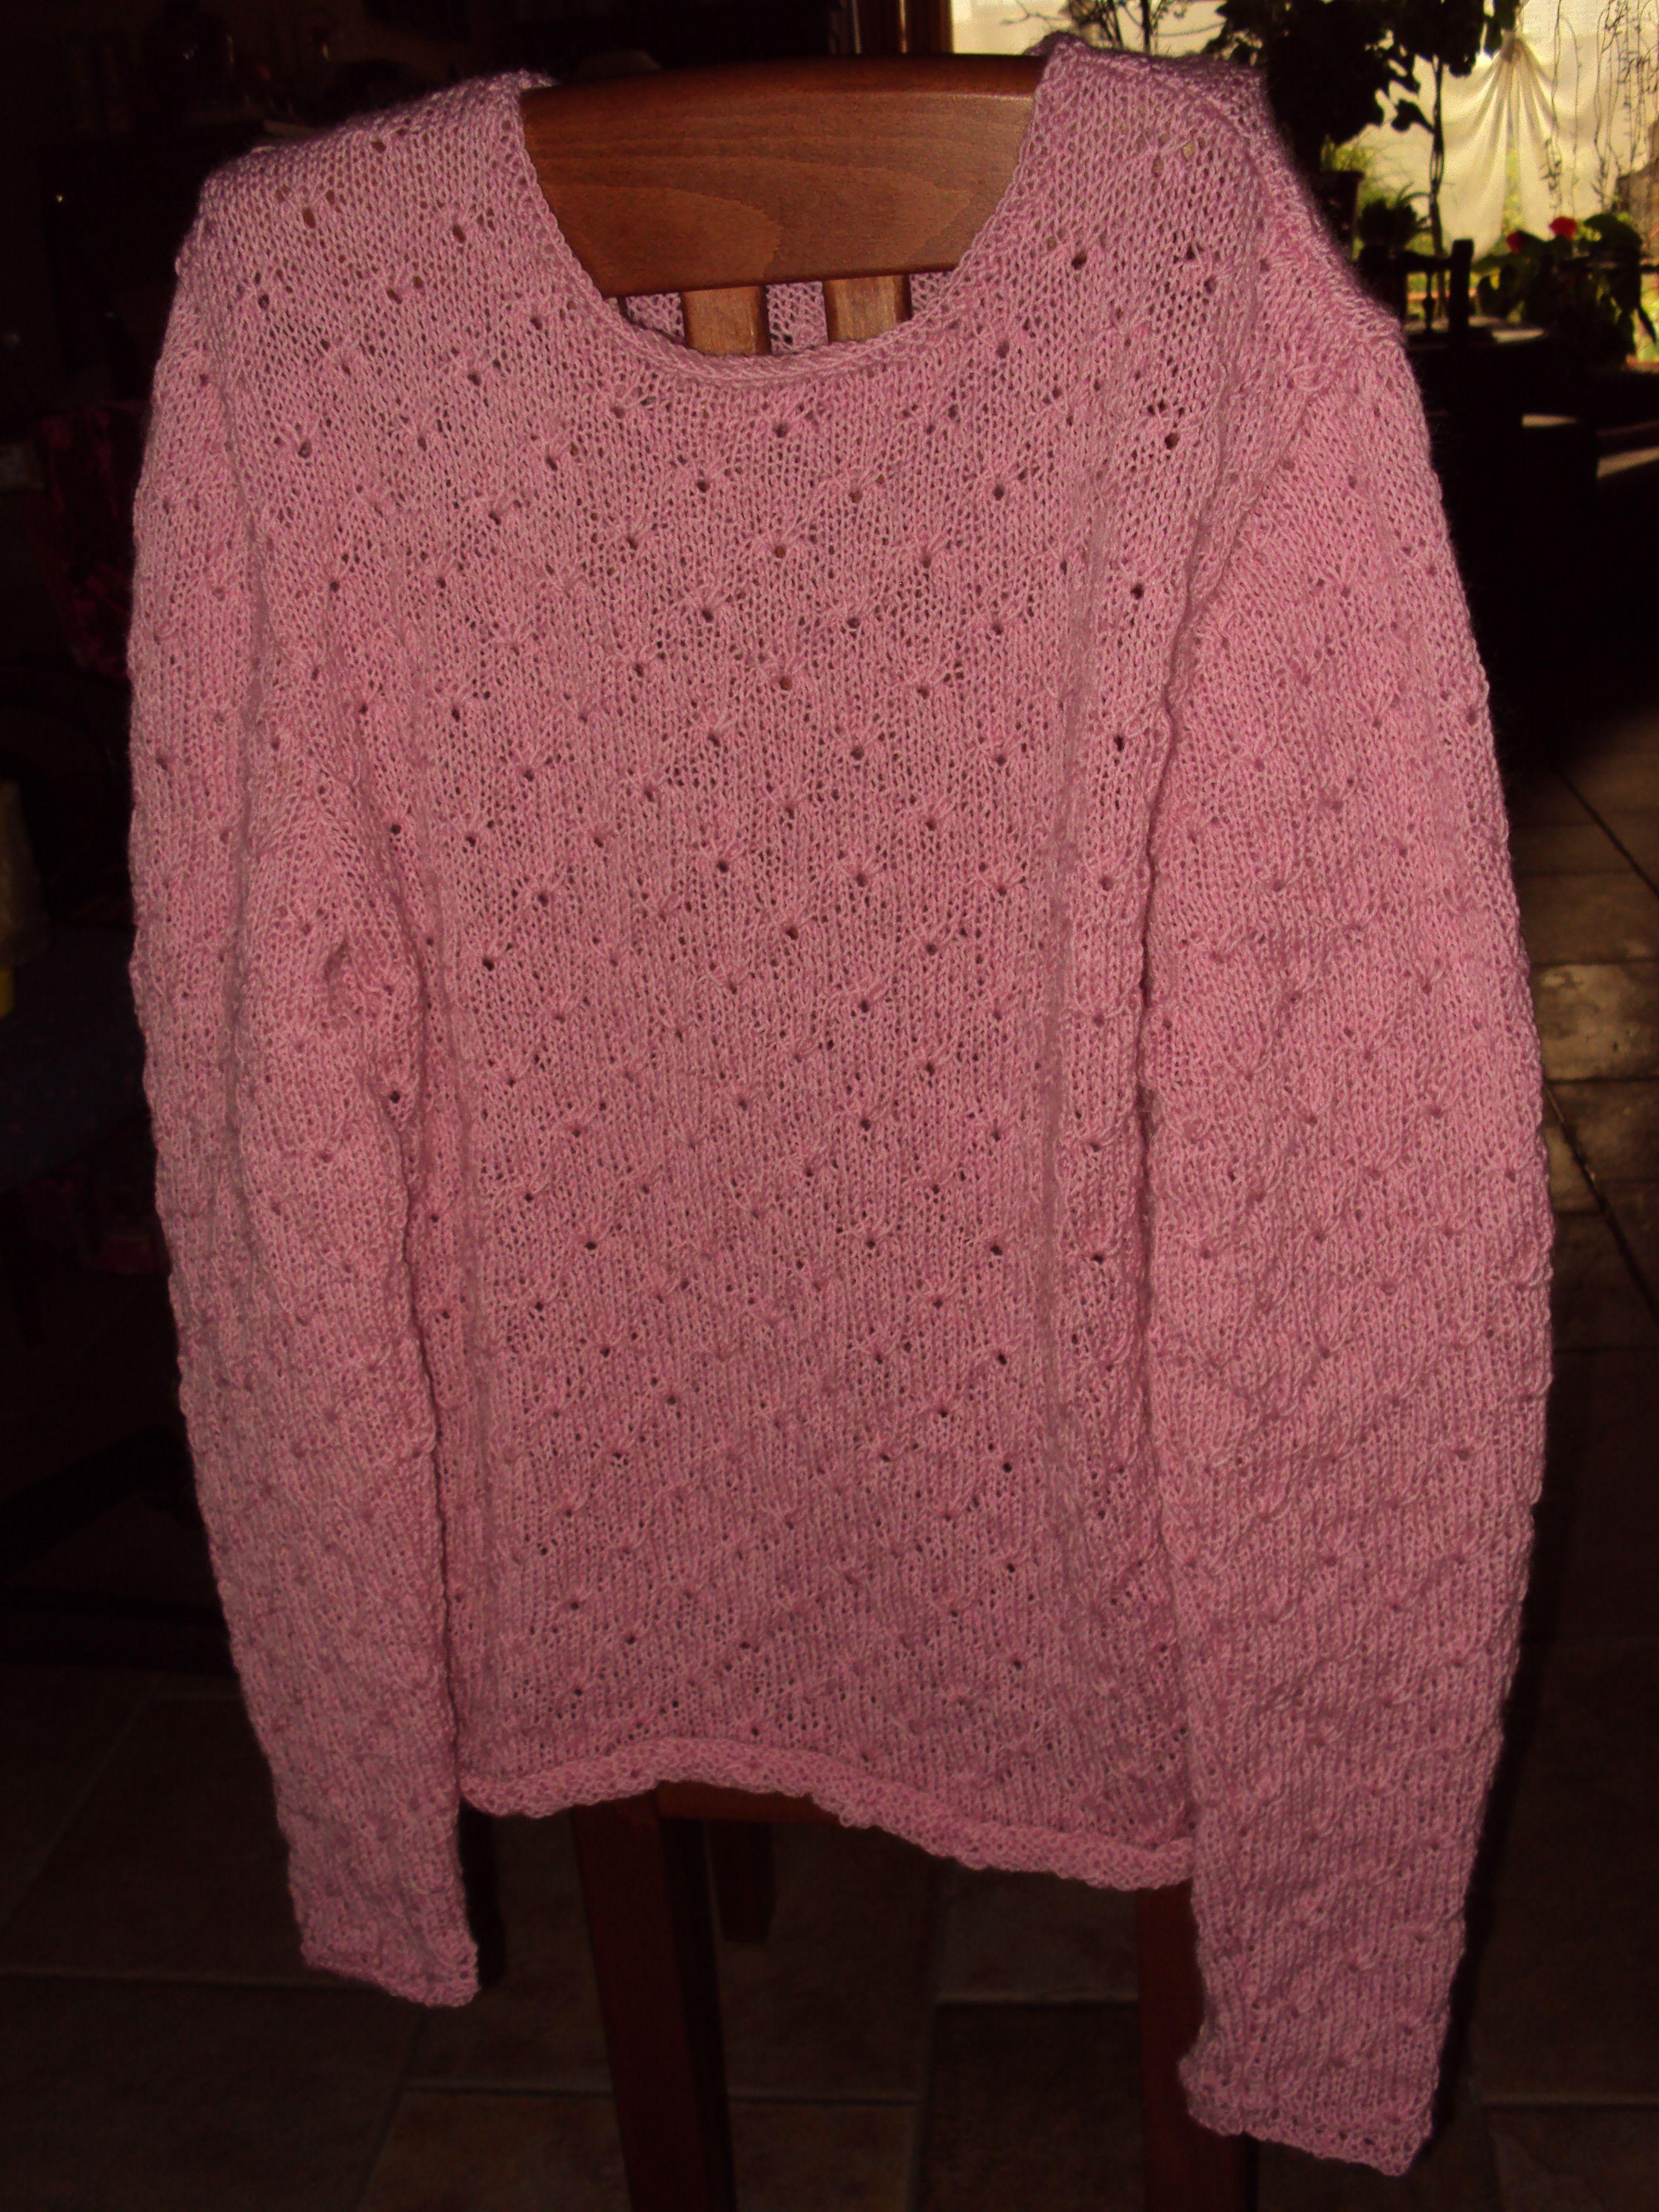 Roze Wollen Trui.Roze Wollen Trui Voor Mijn Zus Marijke 14 10 2014 Brei En Haak